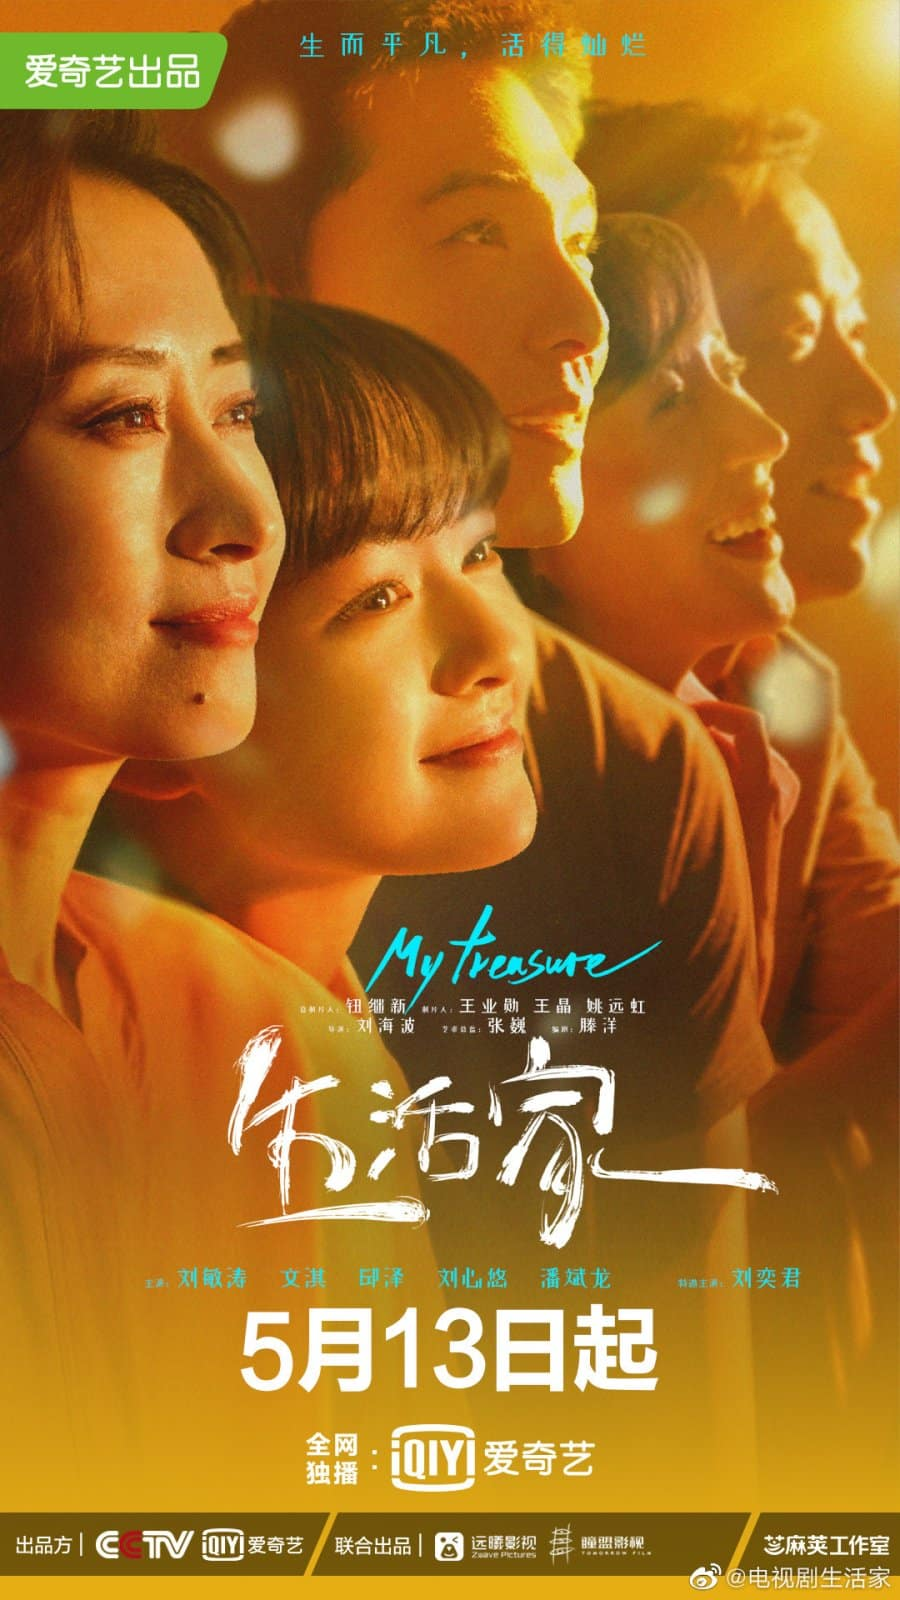 My Treasure (2021) เส้นทางชีวิต ลิขิตฝัน ซับไทย EP1-EP35